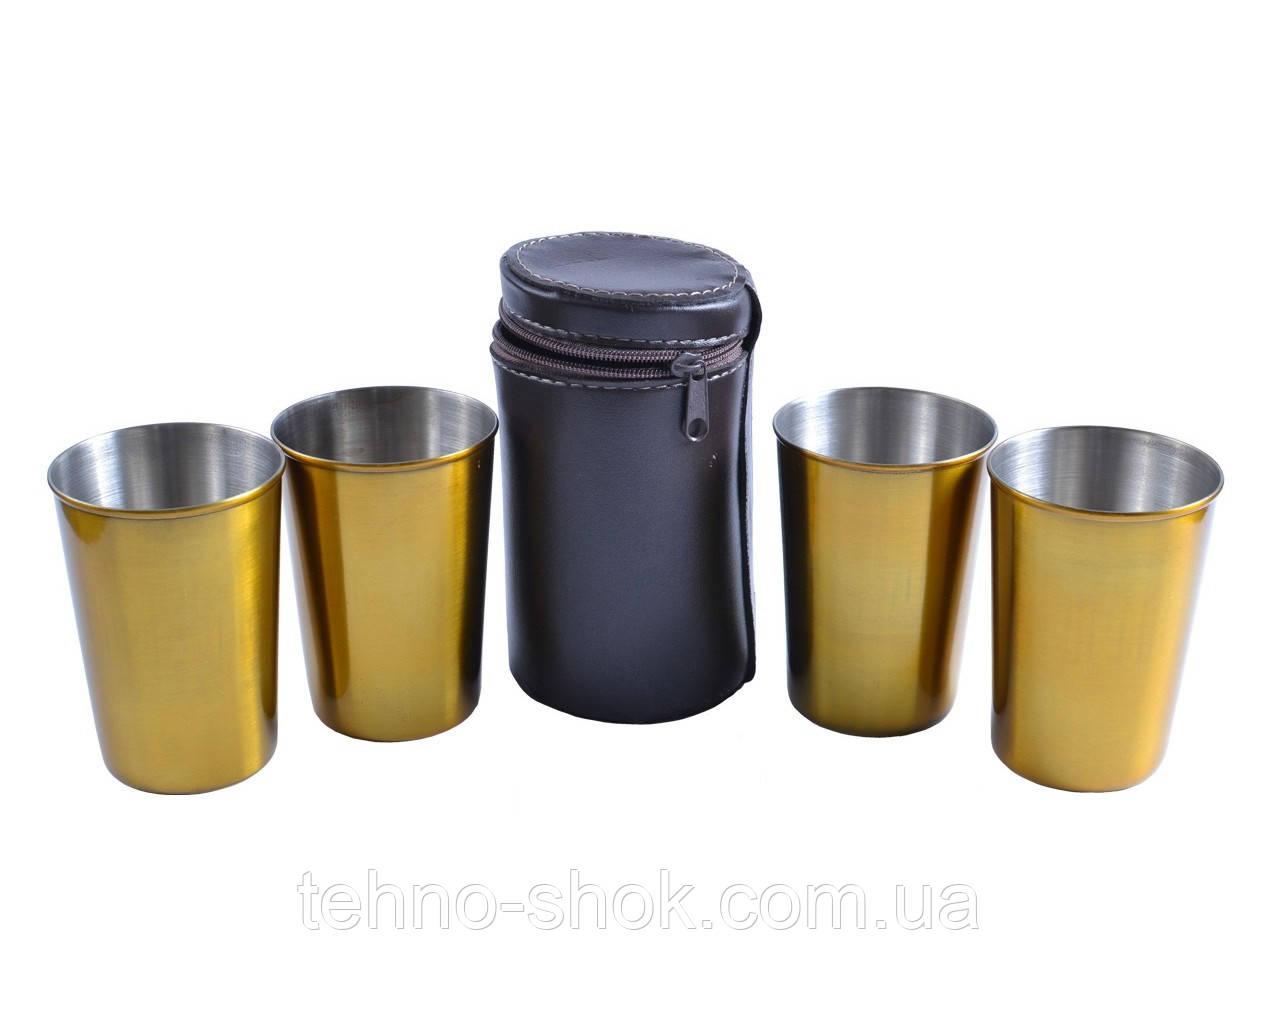 Походные рюмки из нержавеющей стали в чехле (Золото, 4шт,150мл)